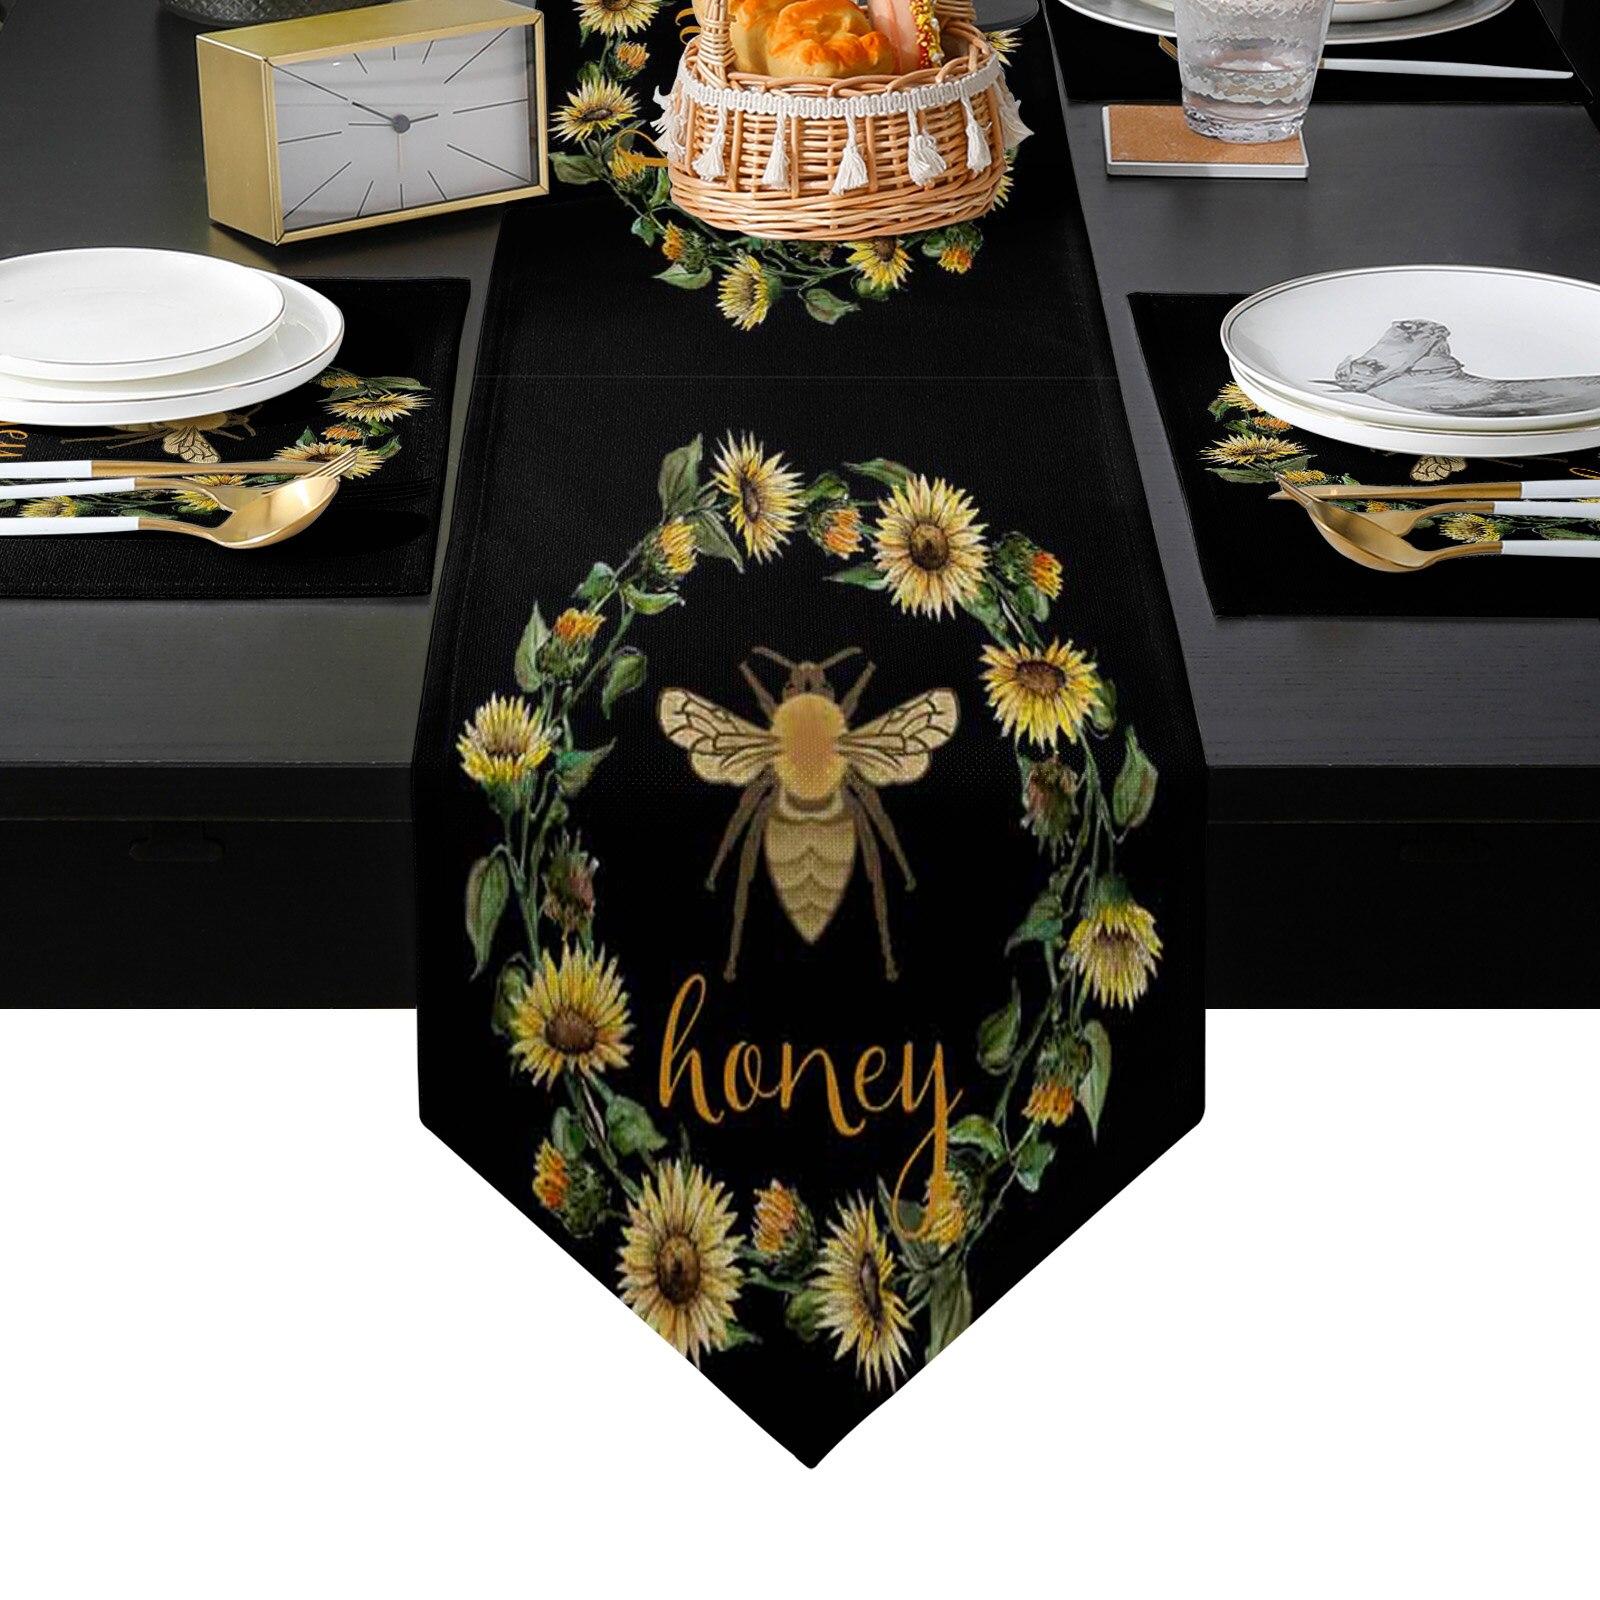 الرجعية النحل عباد الشمس إكليل الأسود الجدول عداء و تحديد الموقع مجموعة الجدول العلم الجدول العدائين للمنزل الحديث ديكور حفلات الزواج